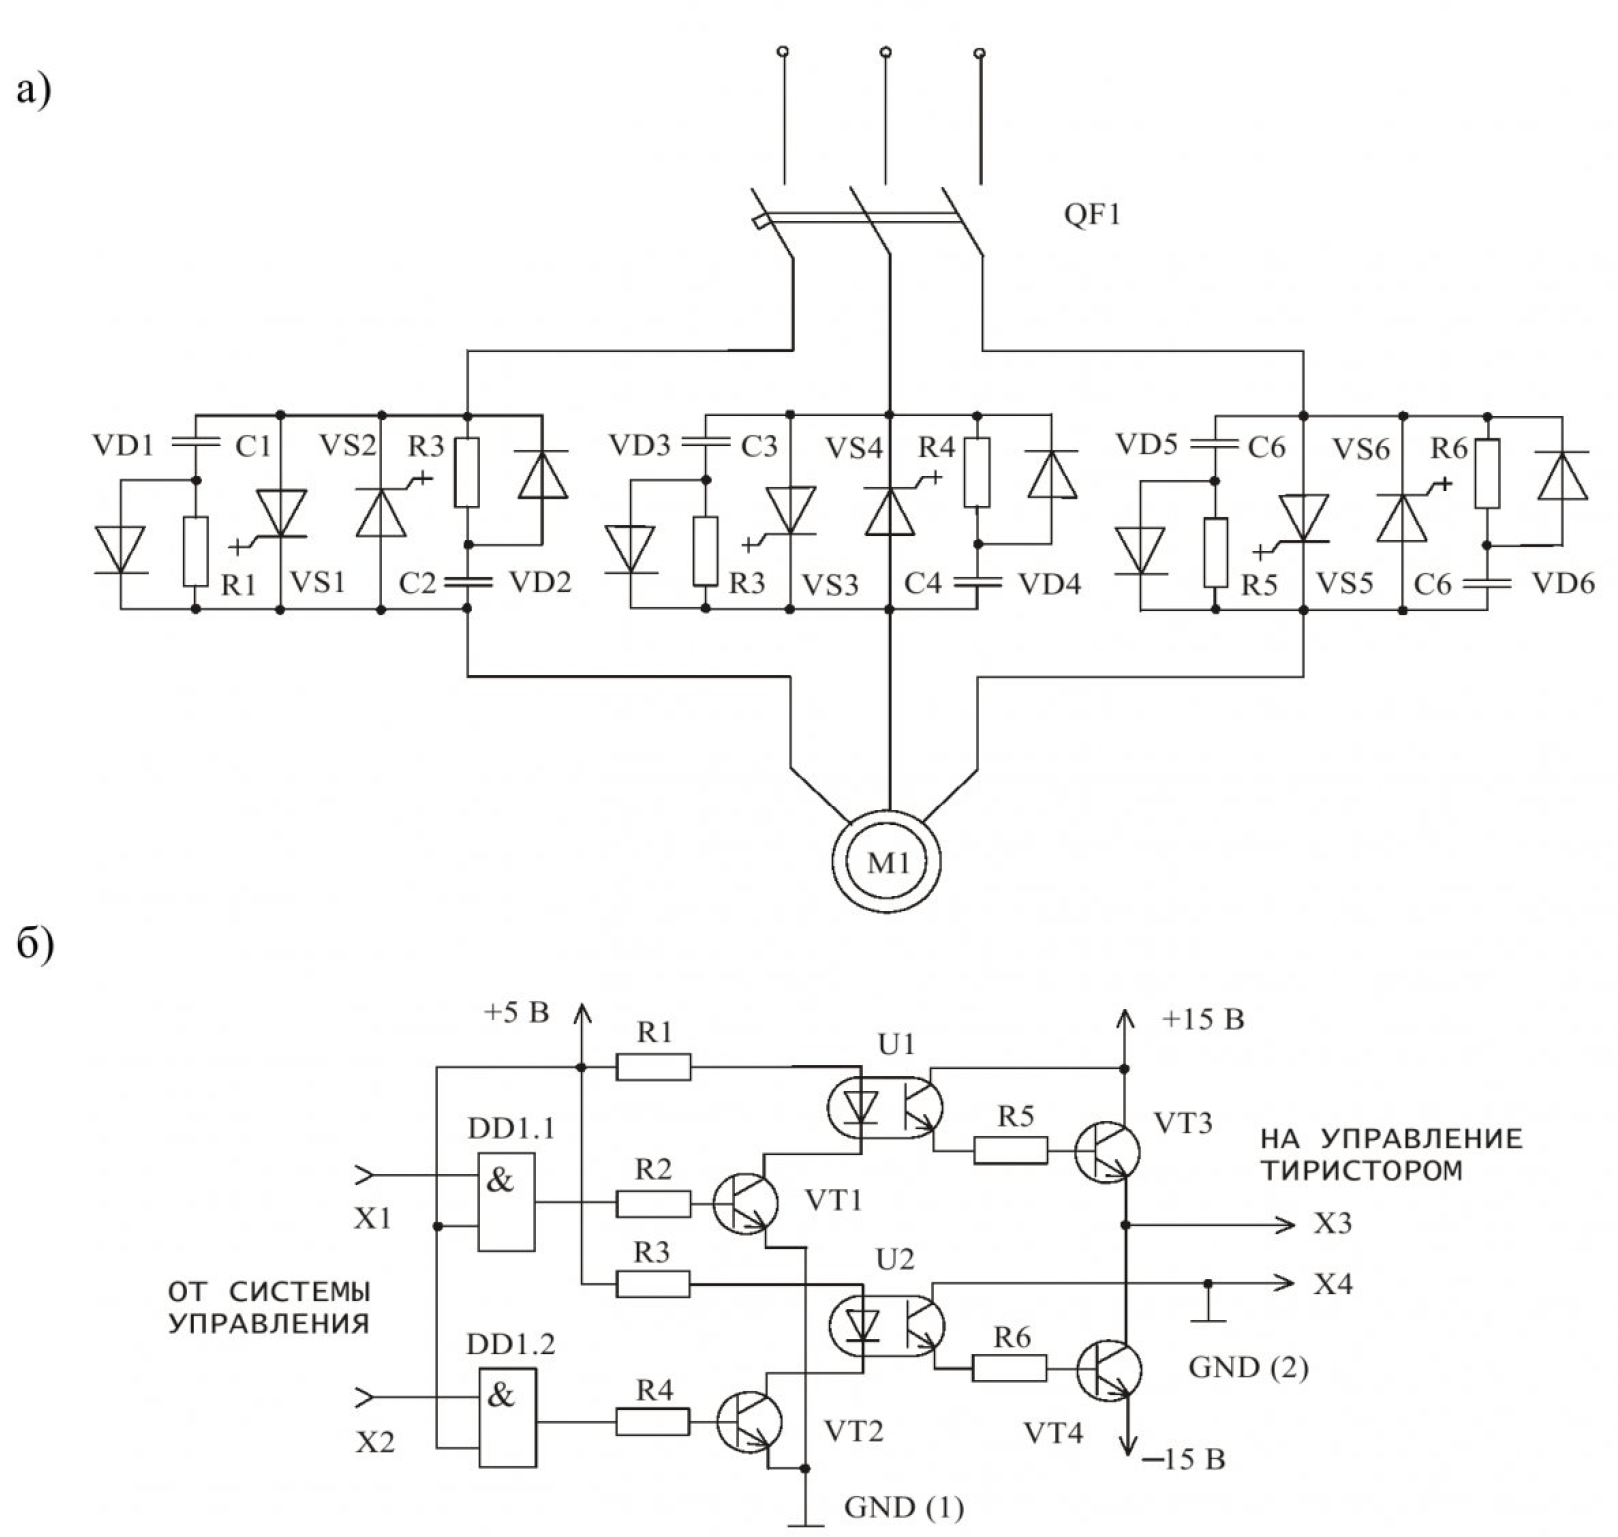 Устройство плавного пуска для нерегулируемых асинхронных электроприводов на полностью управляемых силовых полупроводниковых приборах 2